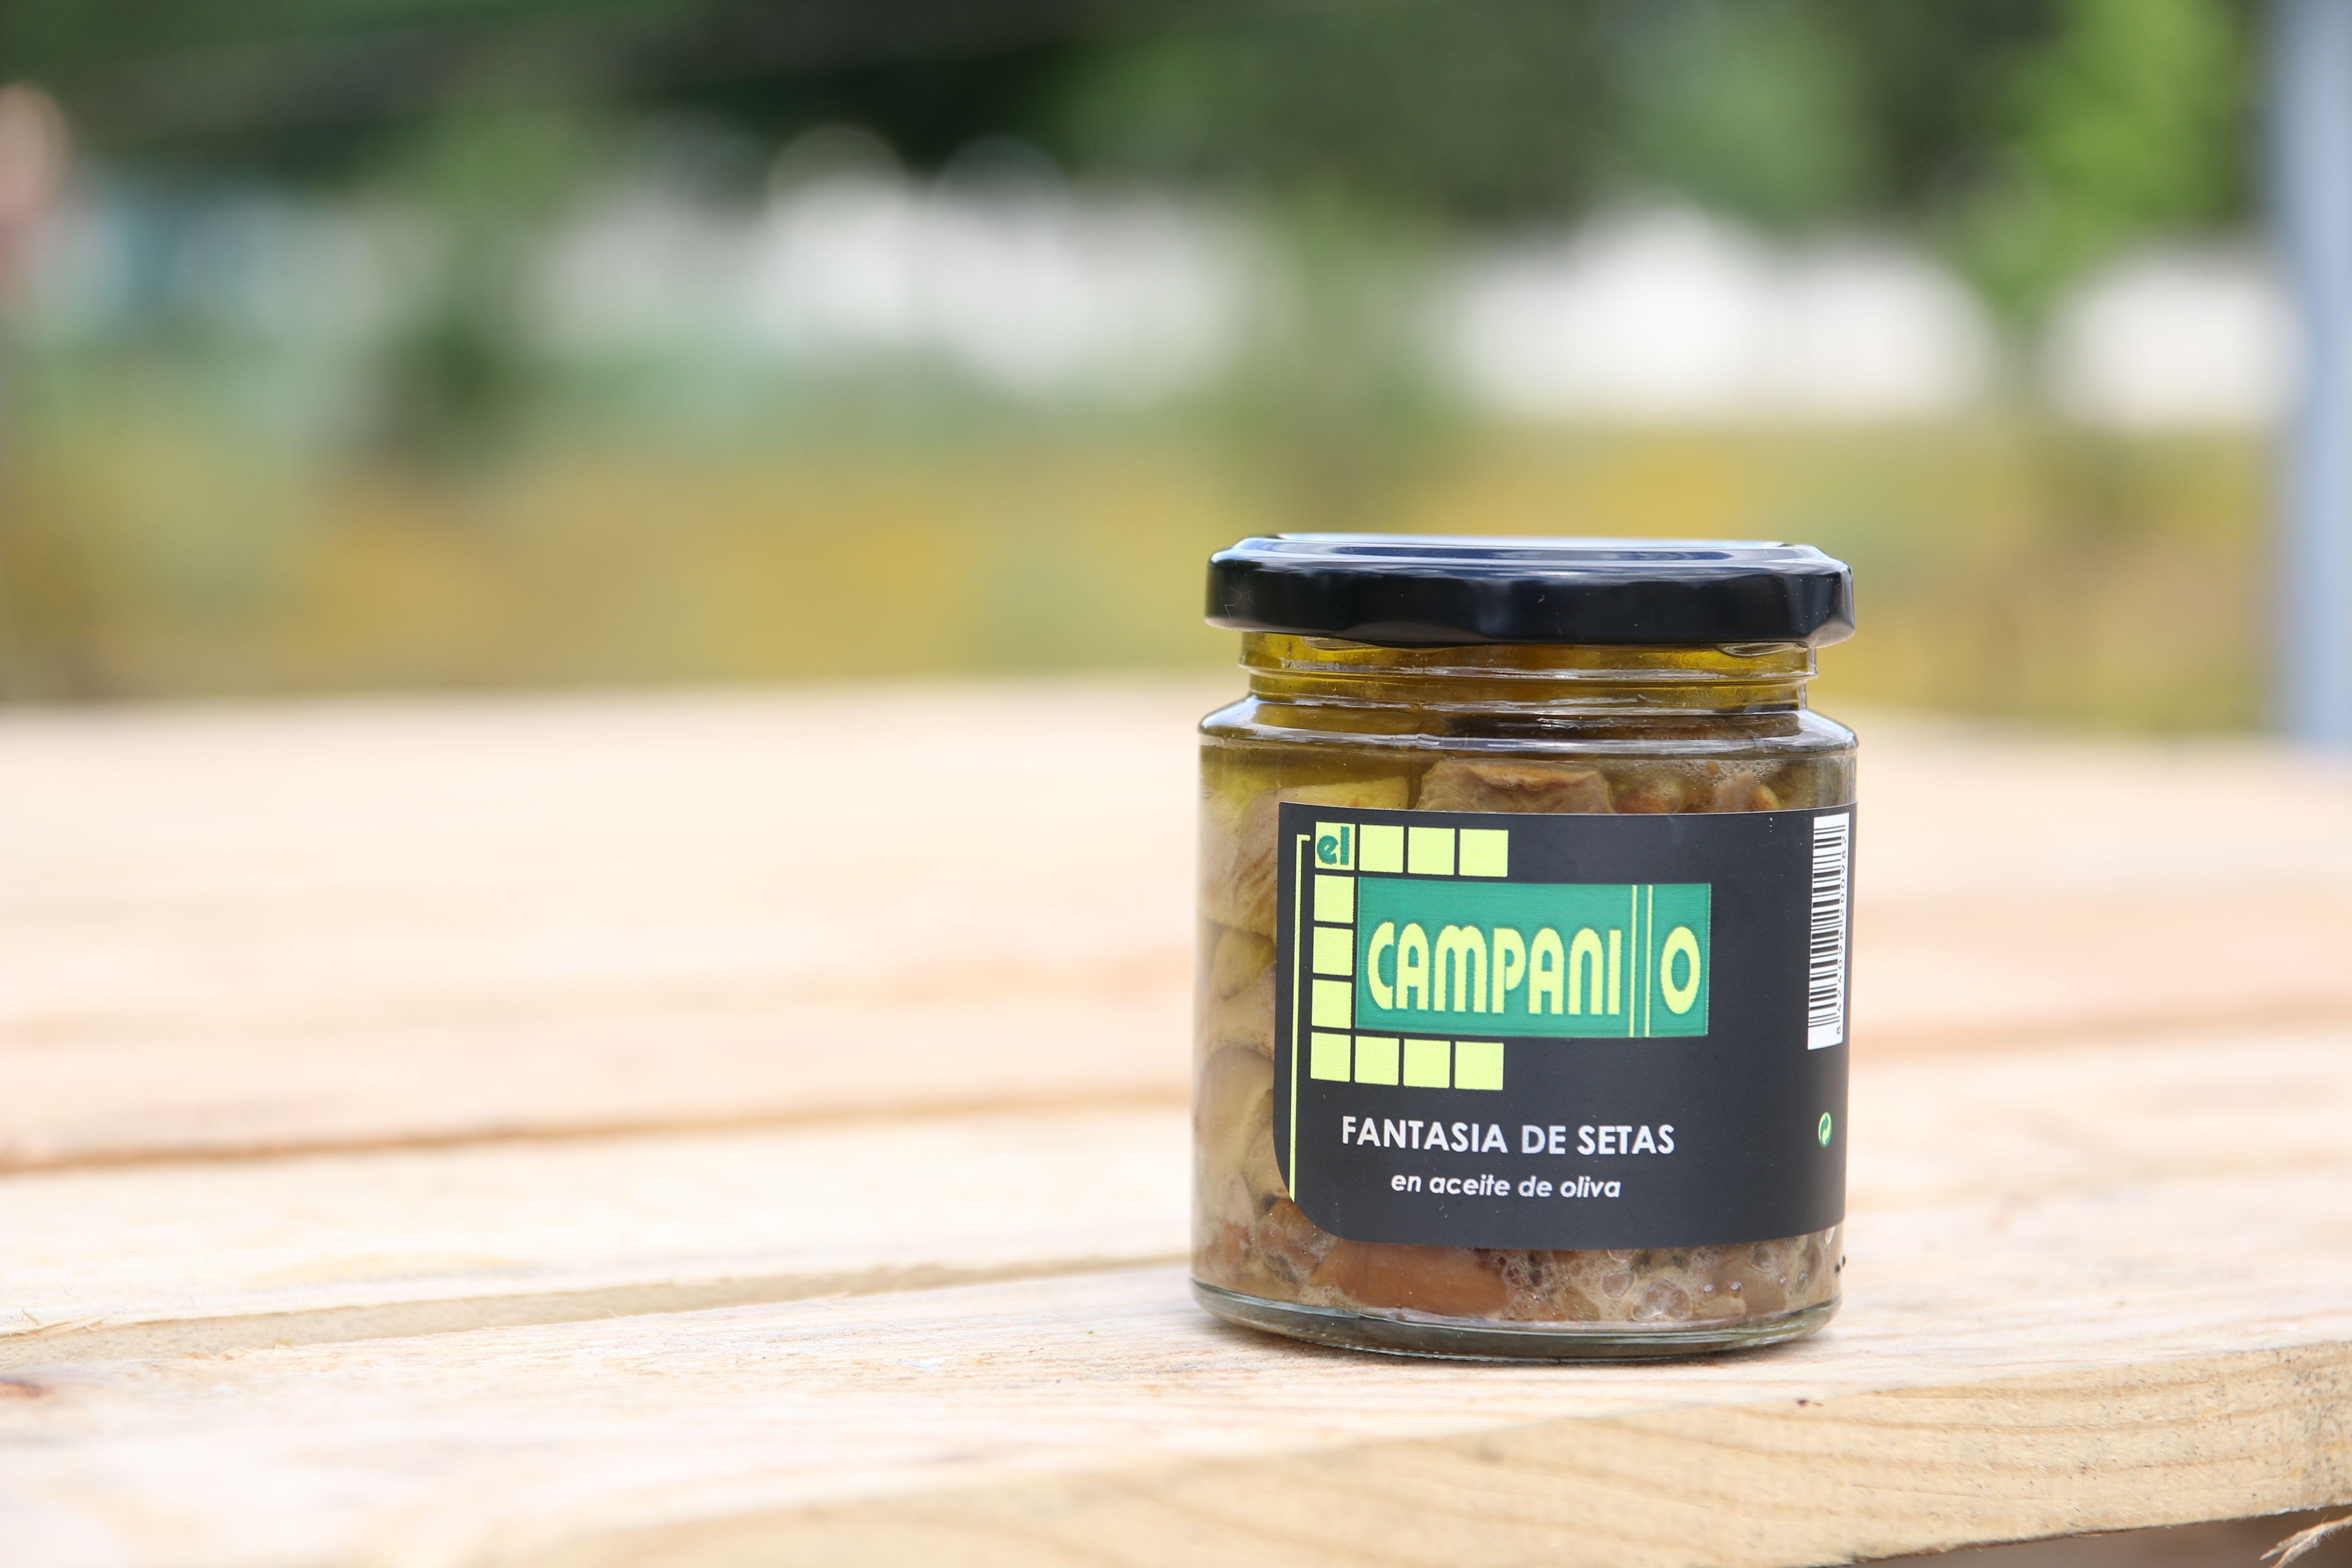 Conservas de fantasía de setas en aceite de oliva en Cáceres